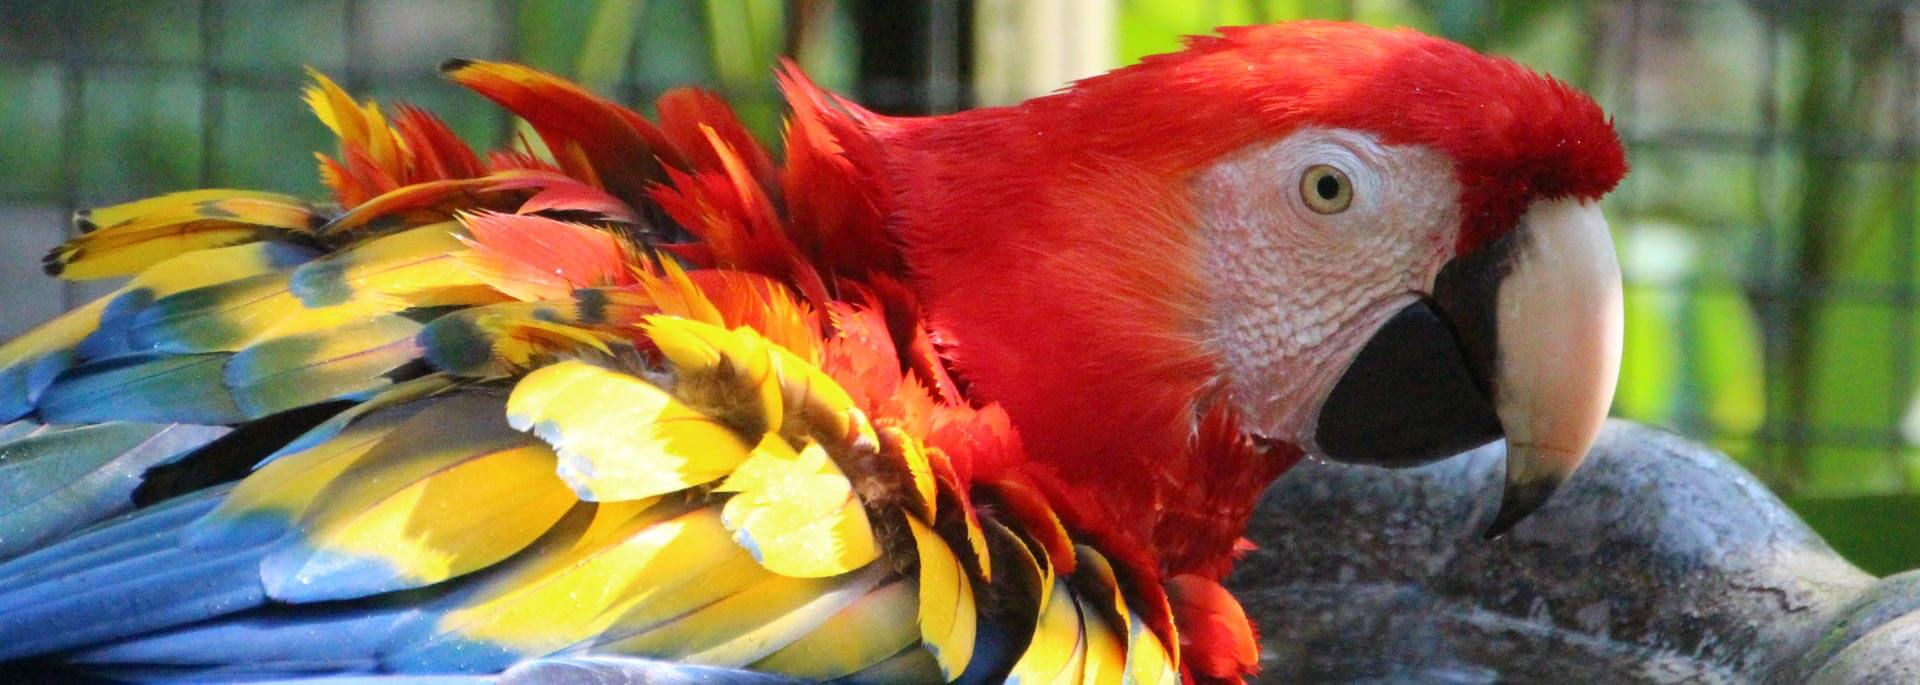 Die heiligen Papageien der Mayas in Macaw Mountain